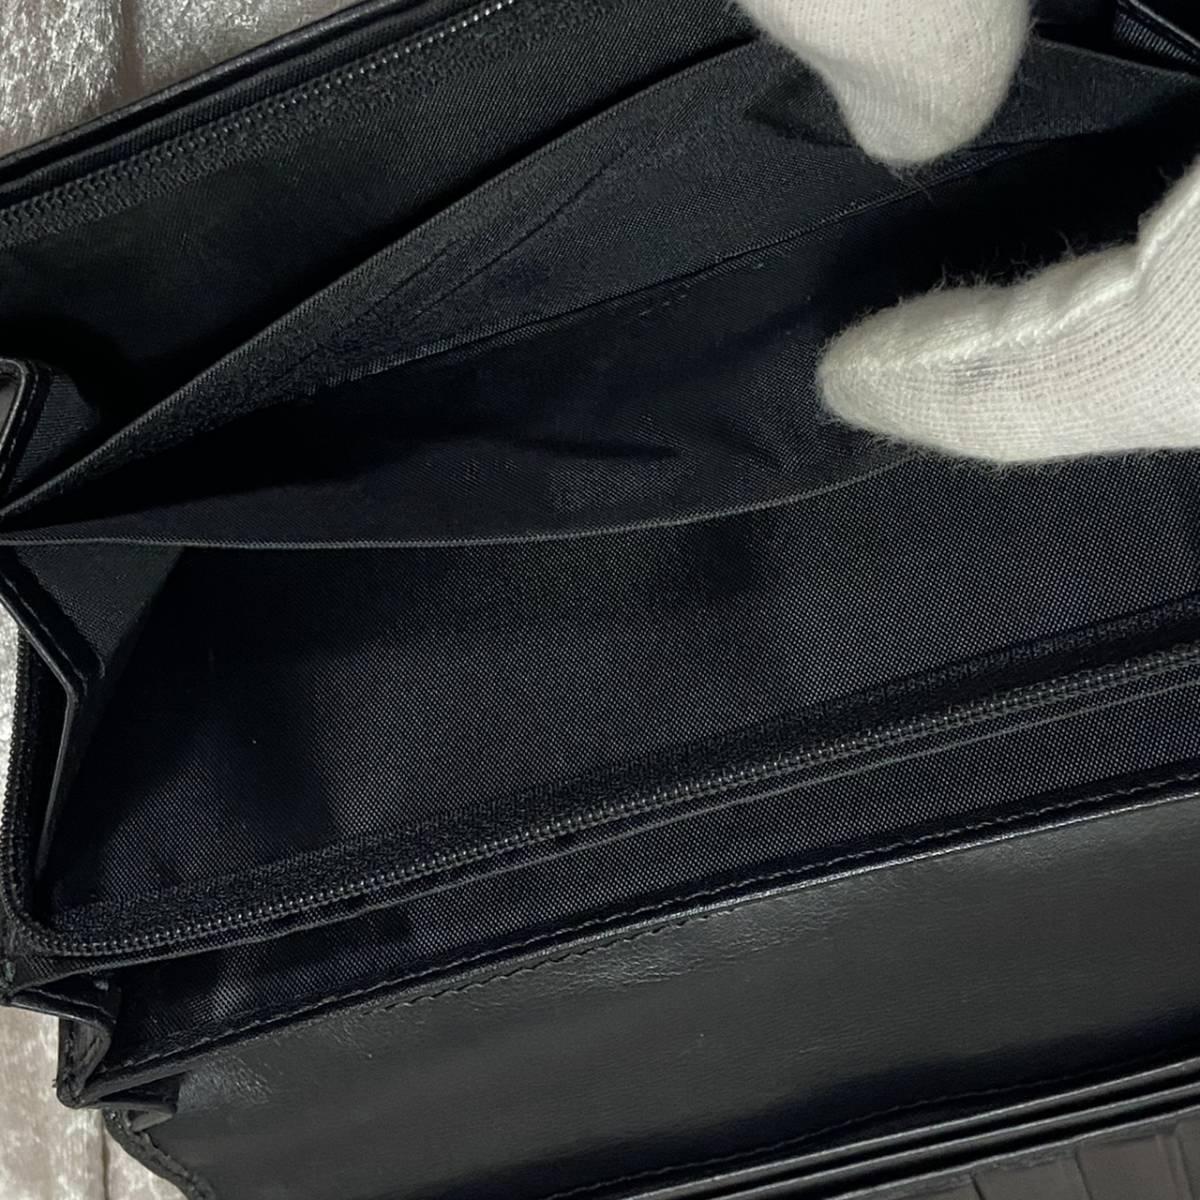 ☆美品☆Vivienne Westwood ヴィヴィアンウエストウッド 長財布 オーブ レザー 型押し 黒 ブラック ゴールド ロゴ メンズ レディース